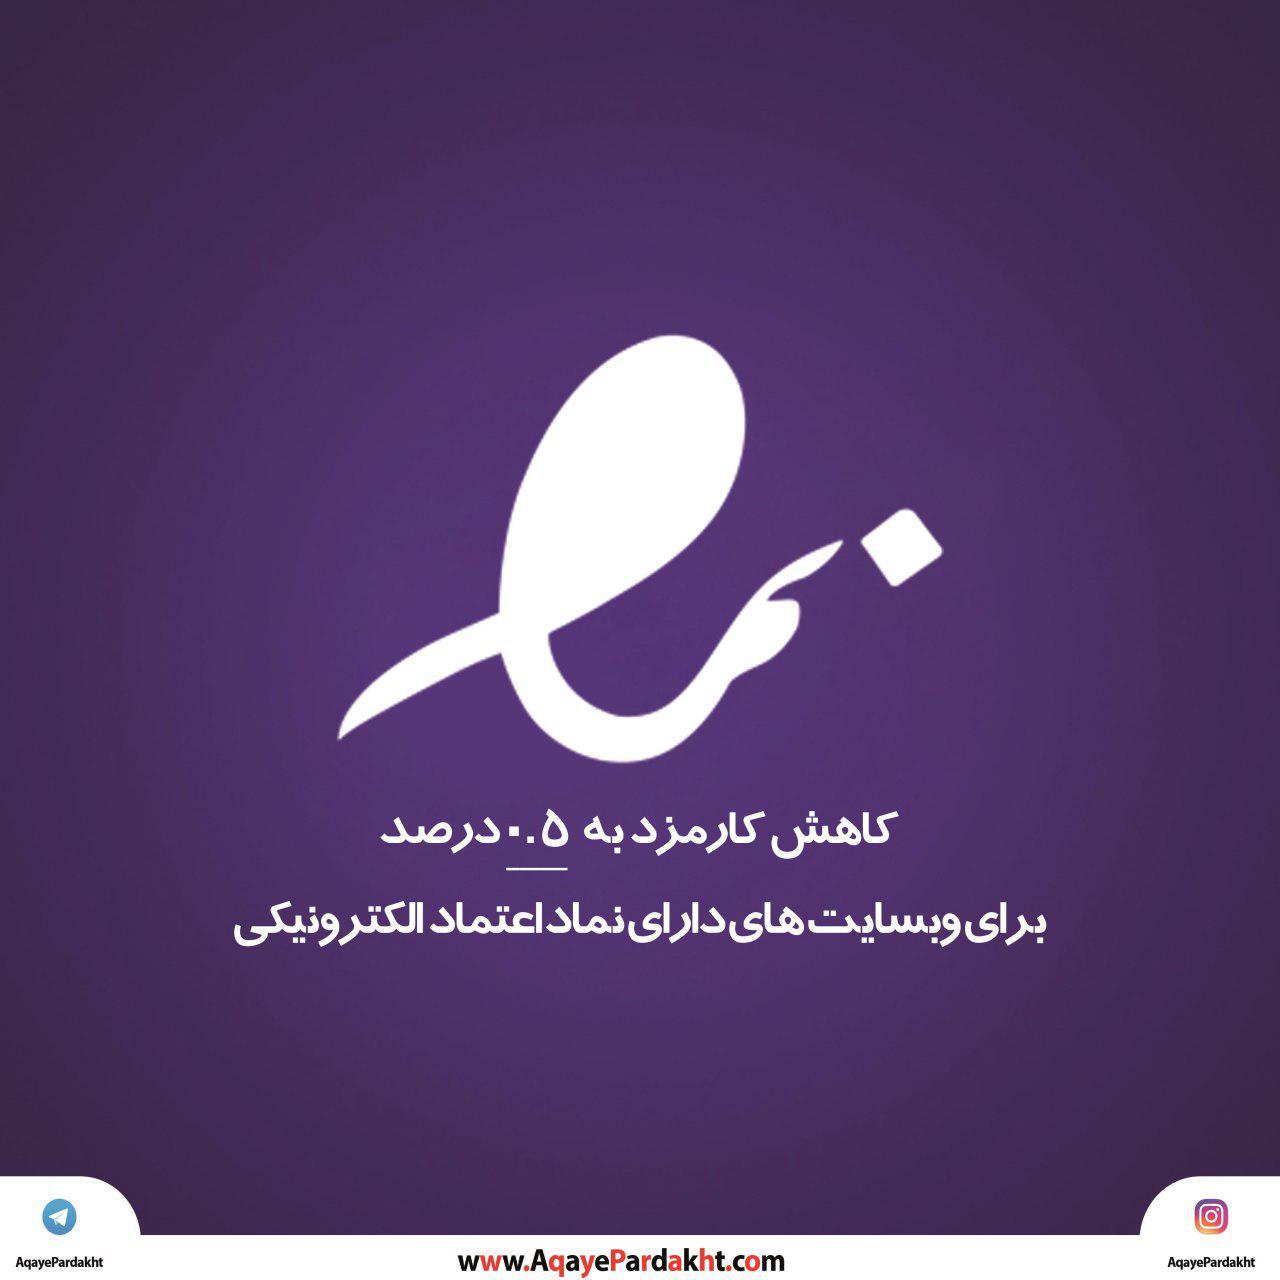 وبسایت های دارای نماد اعتماد الکترونیکی